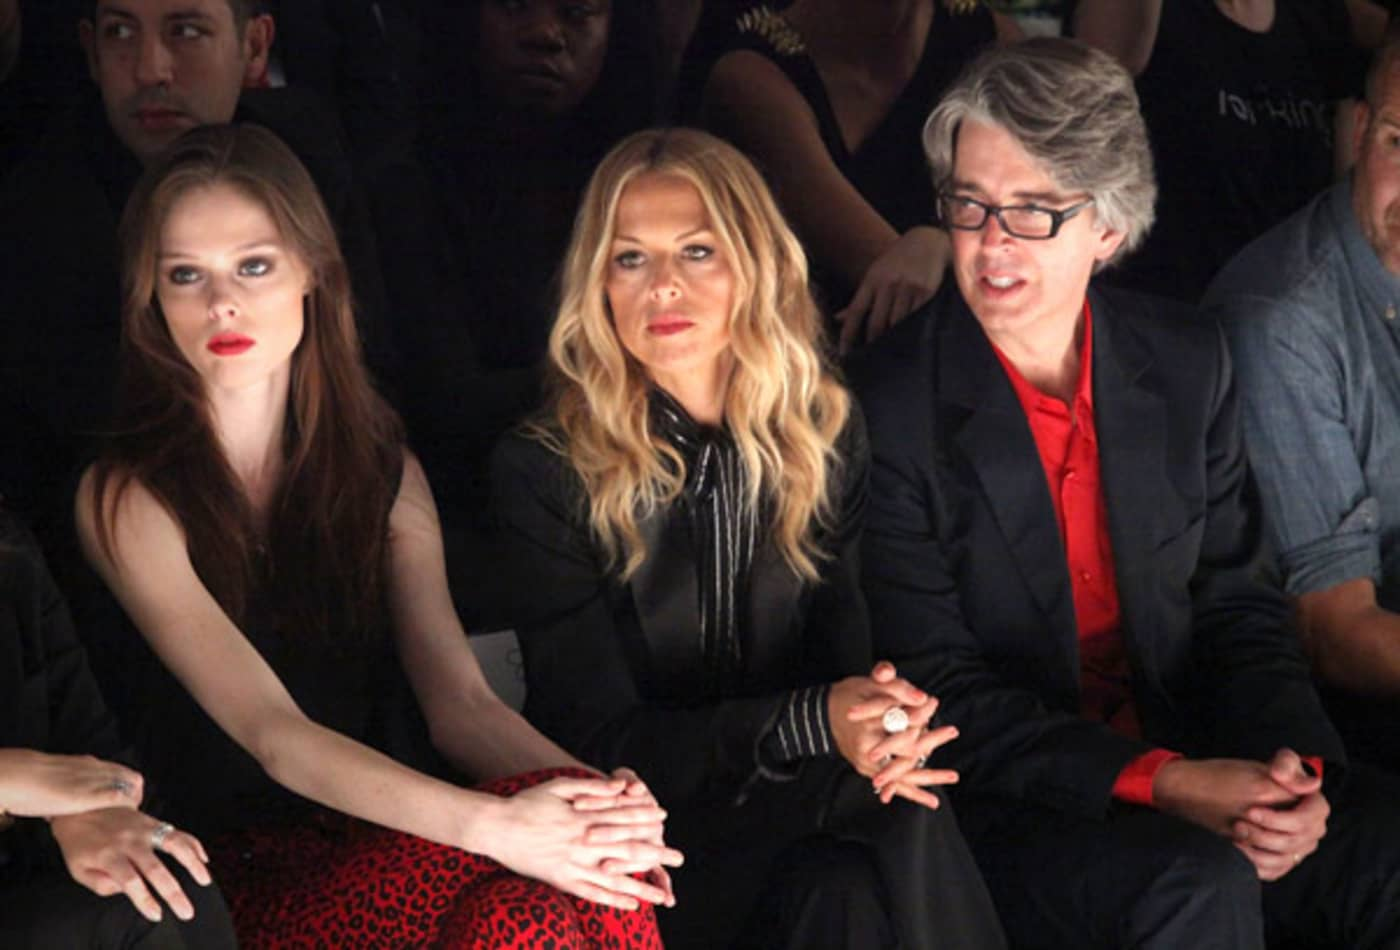 CNBC_NYC_fashion_week_2011_horiz5.jpg